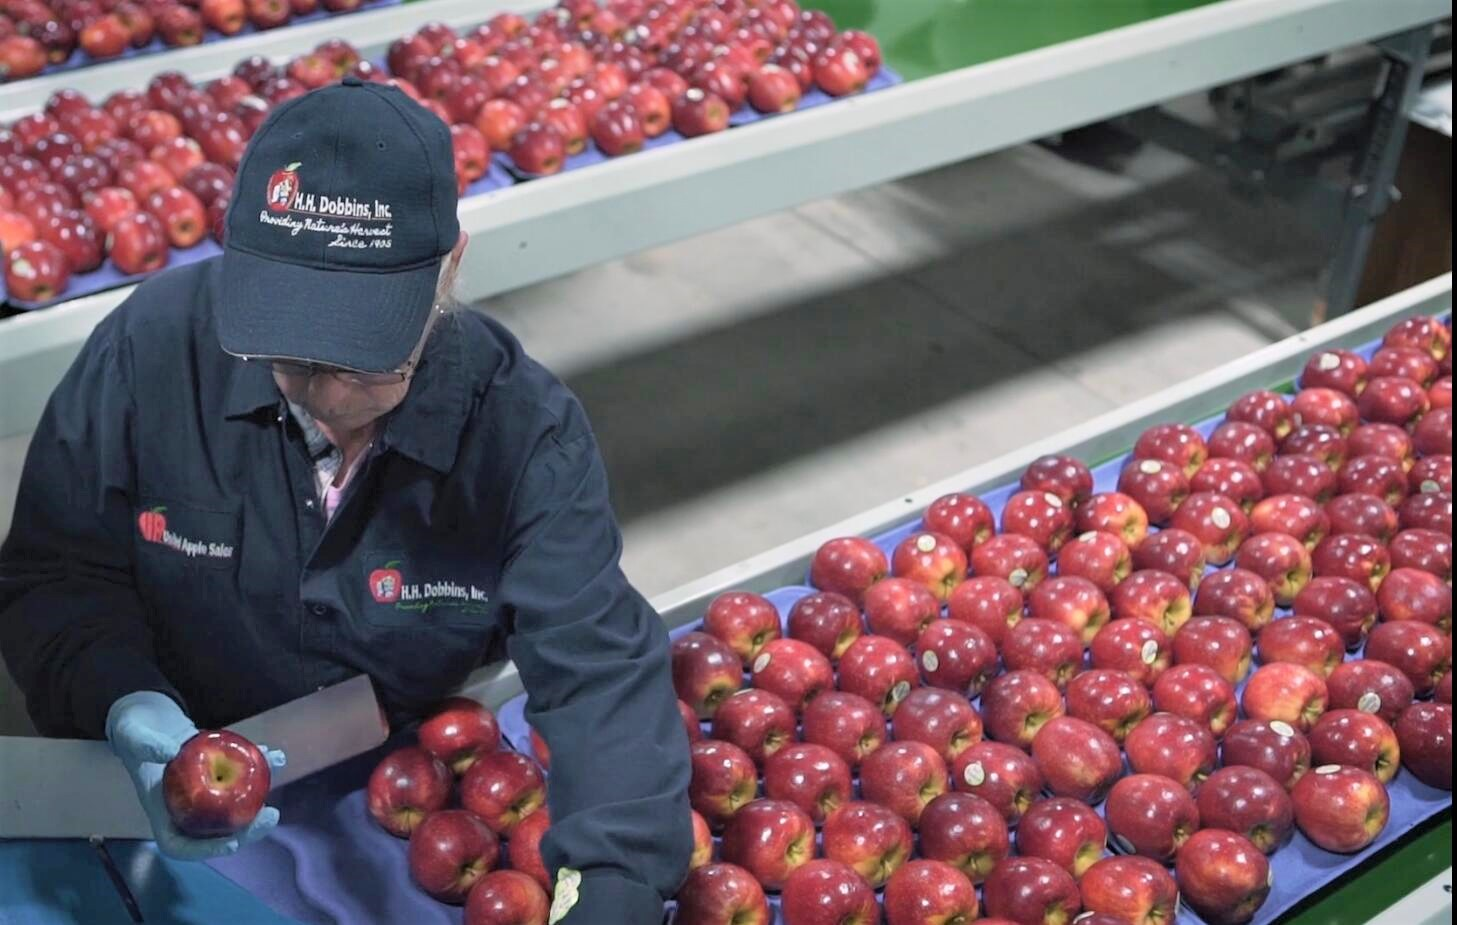 H.H.-Dobbins的品牌优势来自于优质且稳定的水果品质